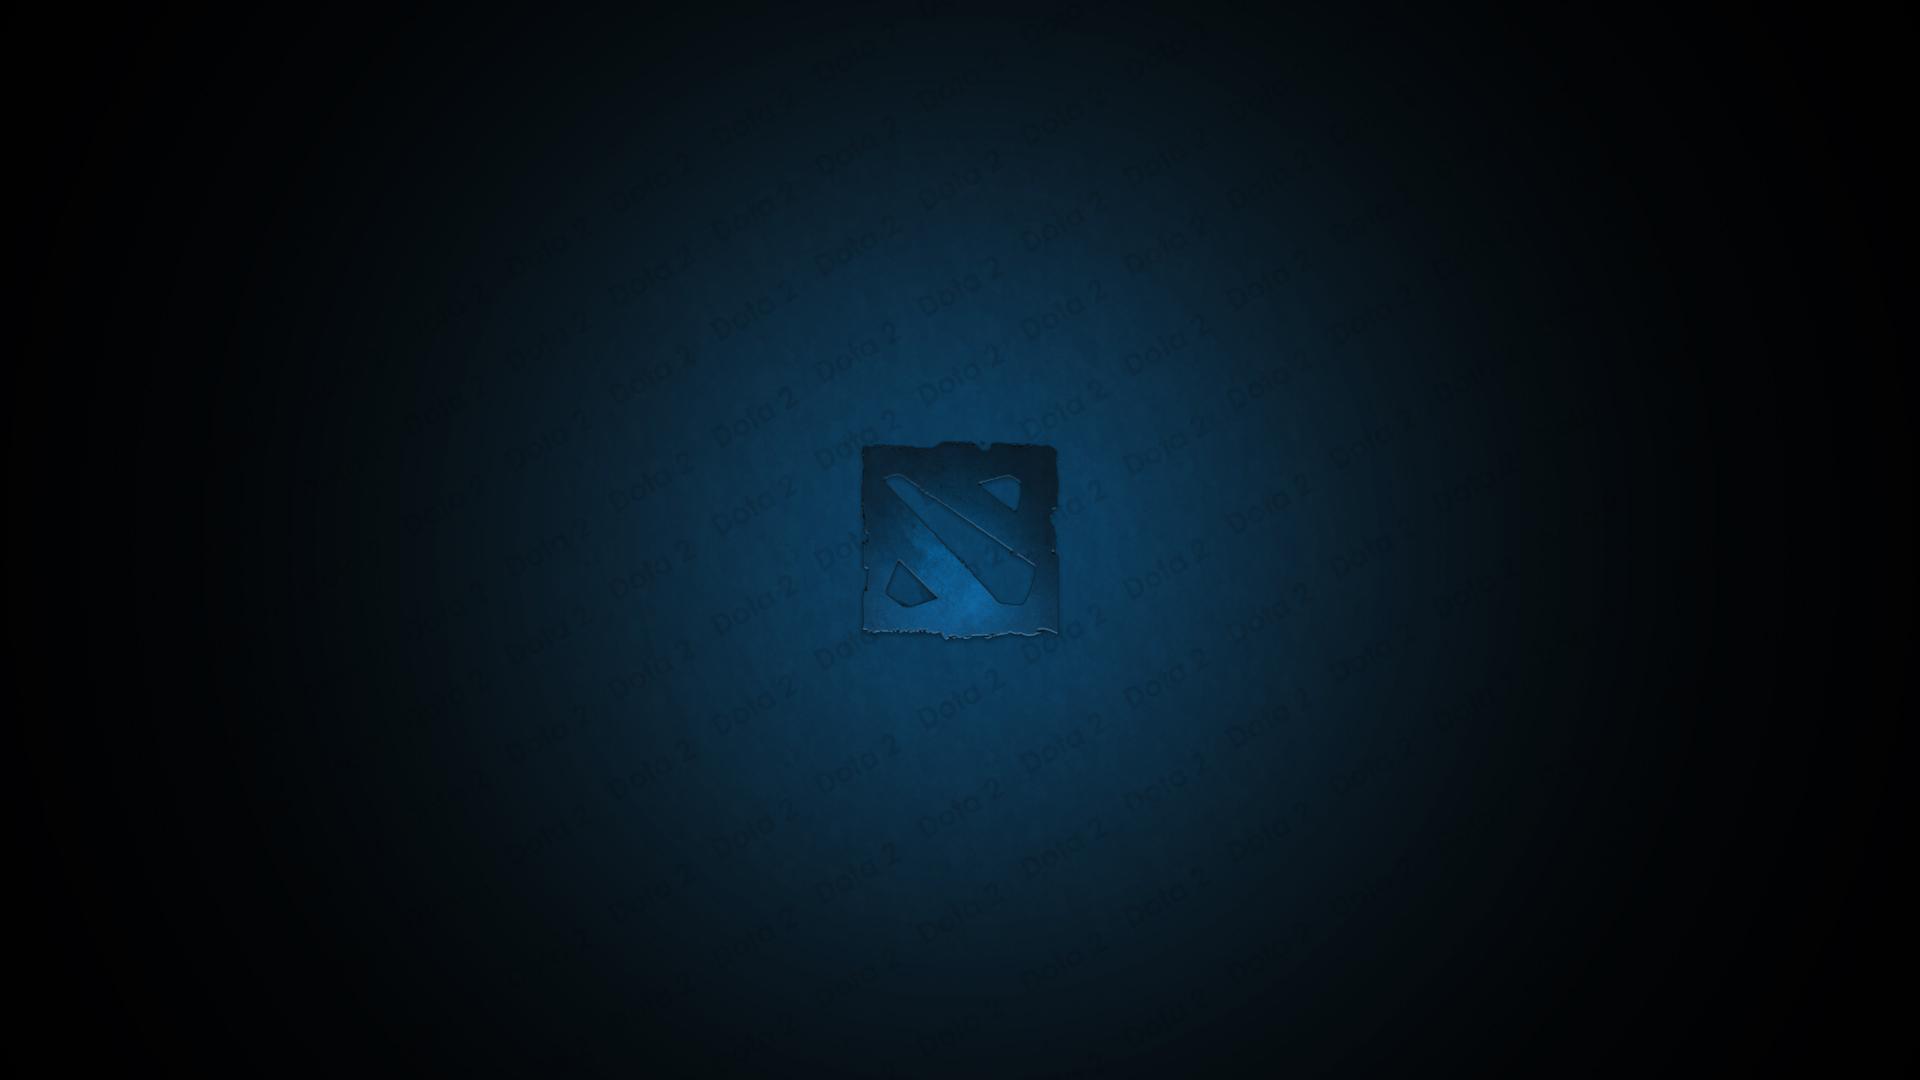 Dota 2 Wallpaper Blue Glow By Bonejacker On Deviantart